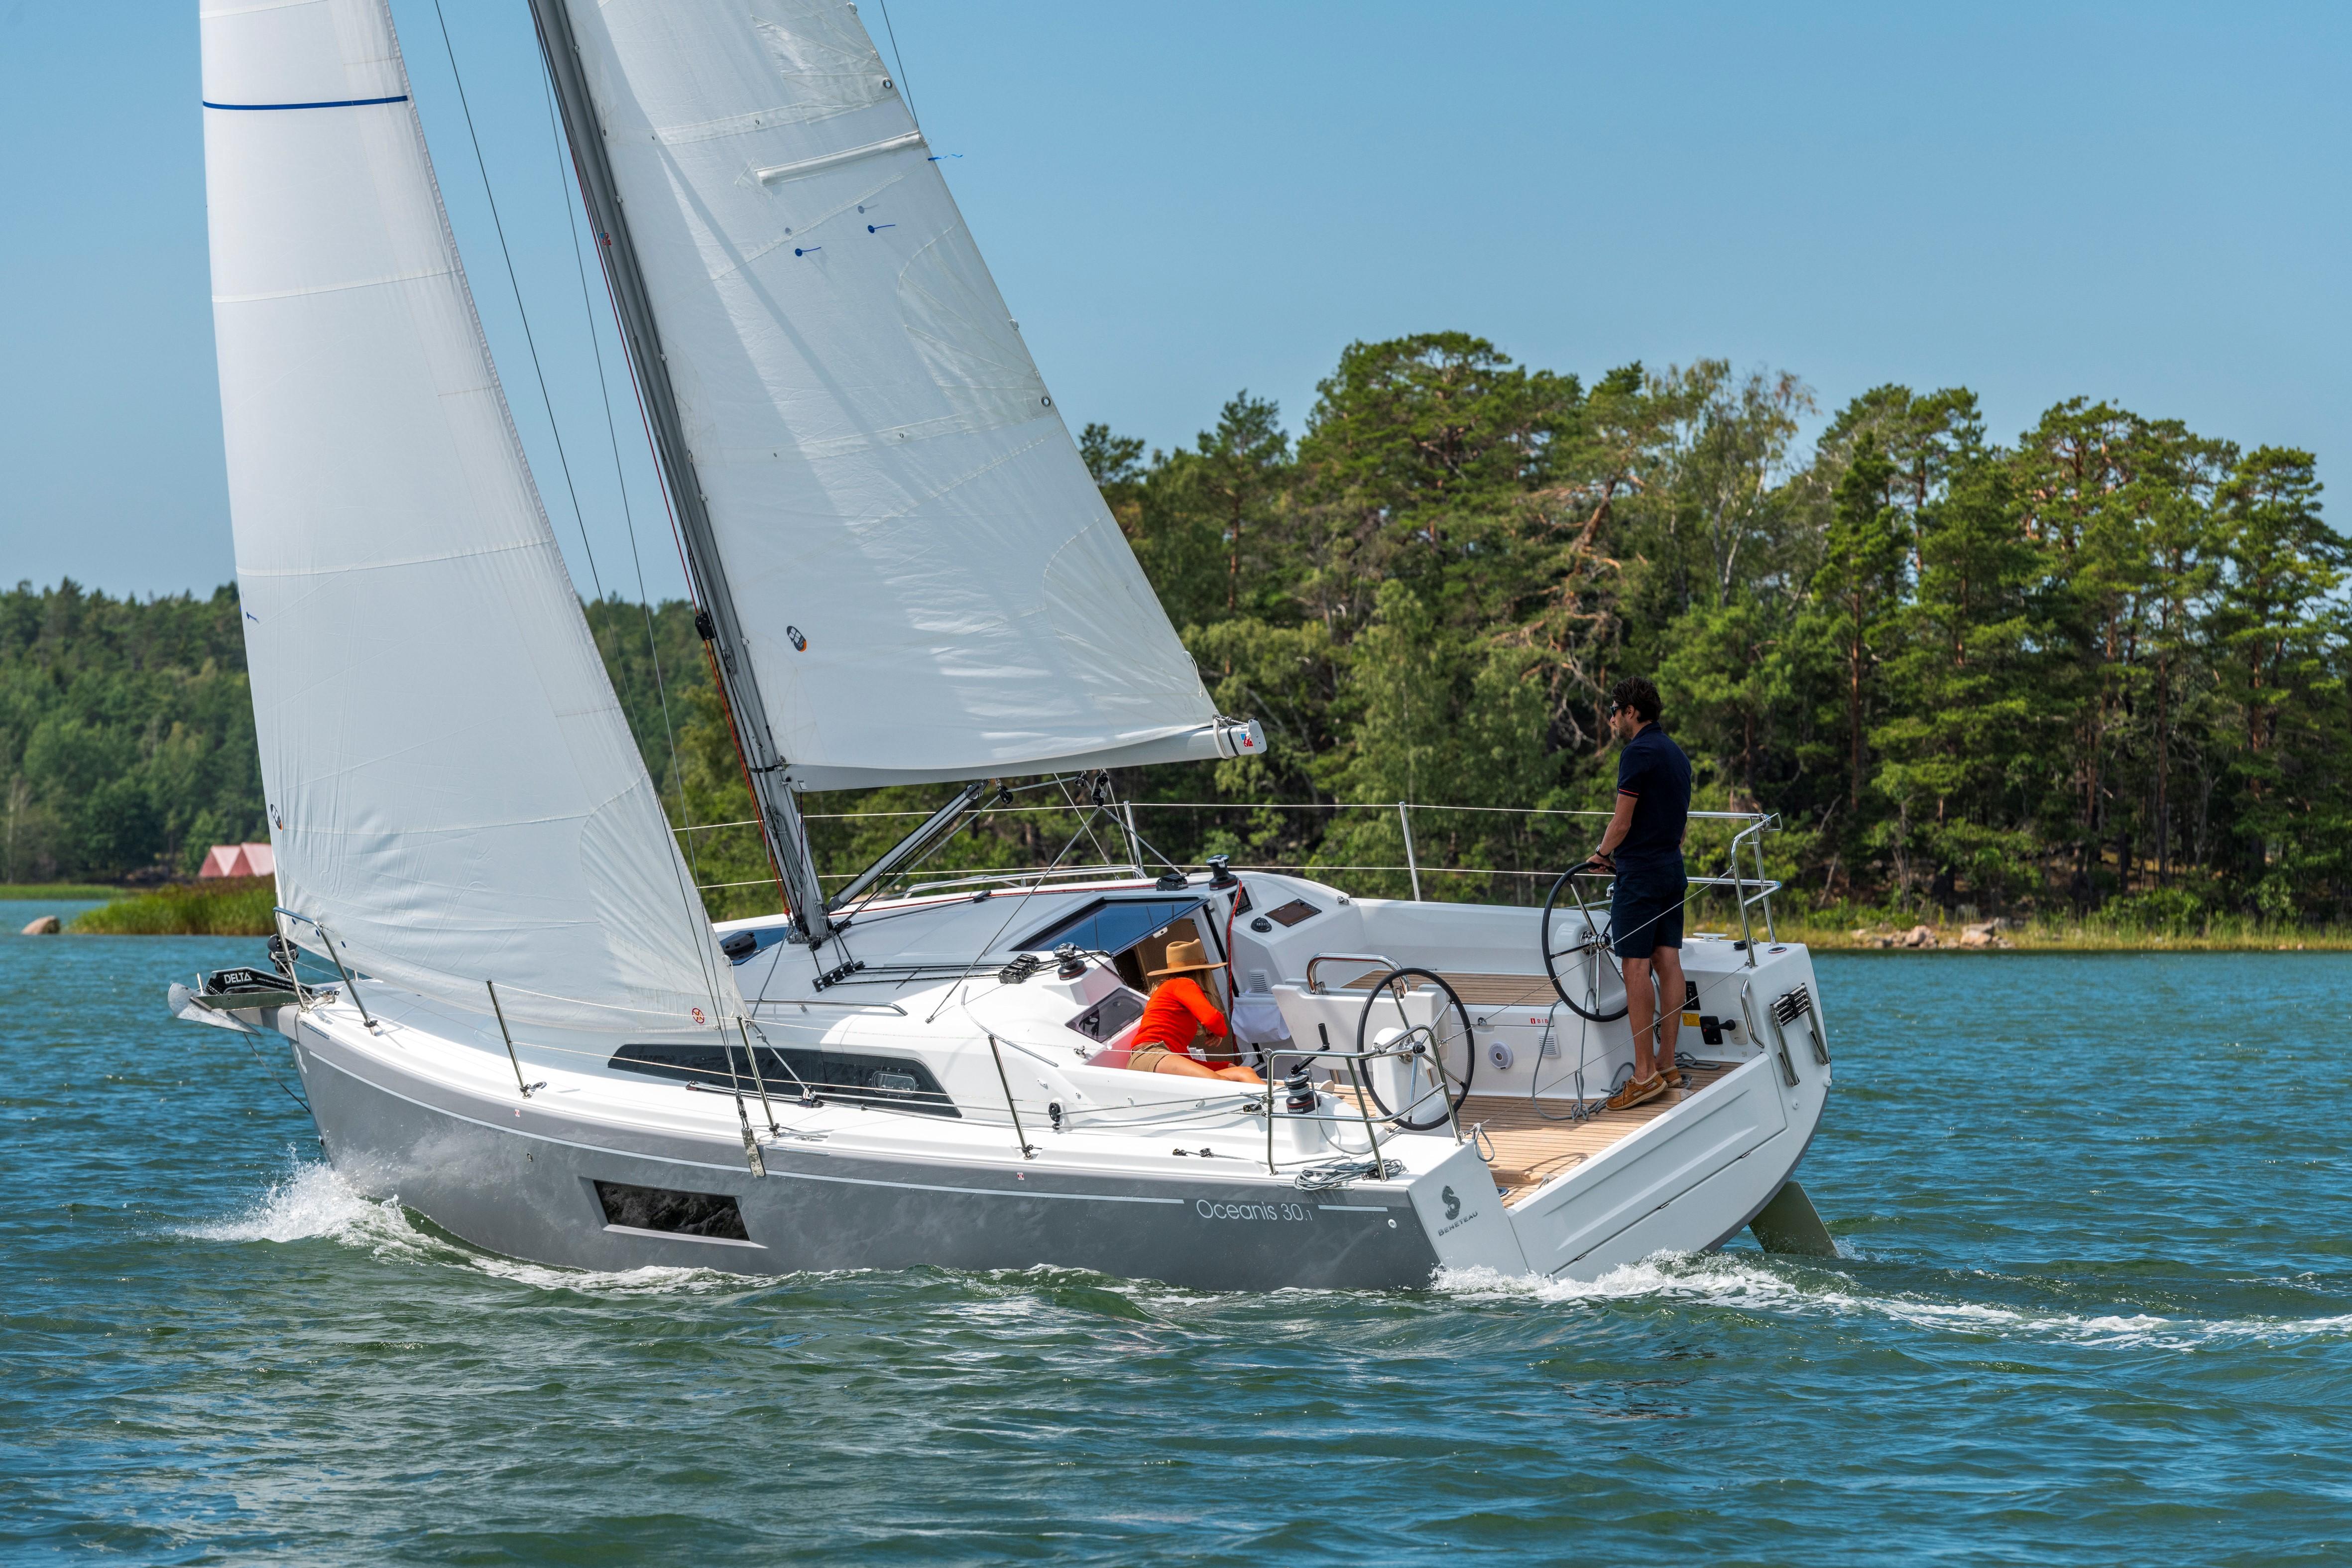 Beneteau Oceanis 30.1 Beneteau Oceanis 30.1 Sailing